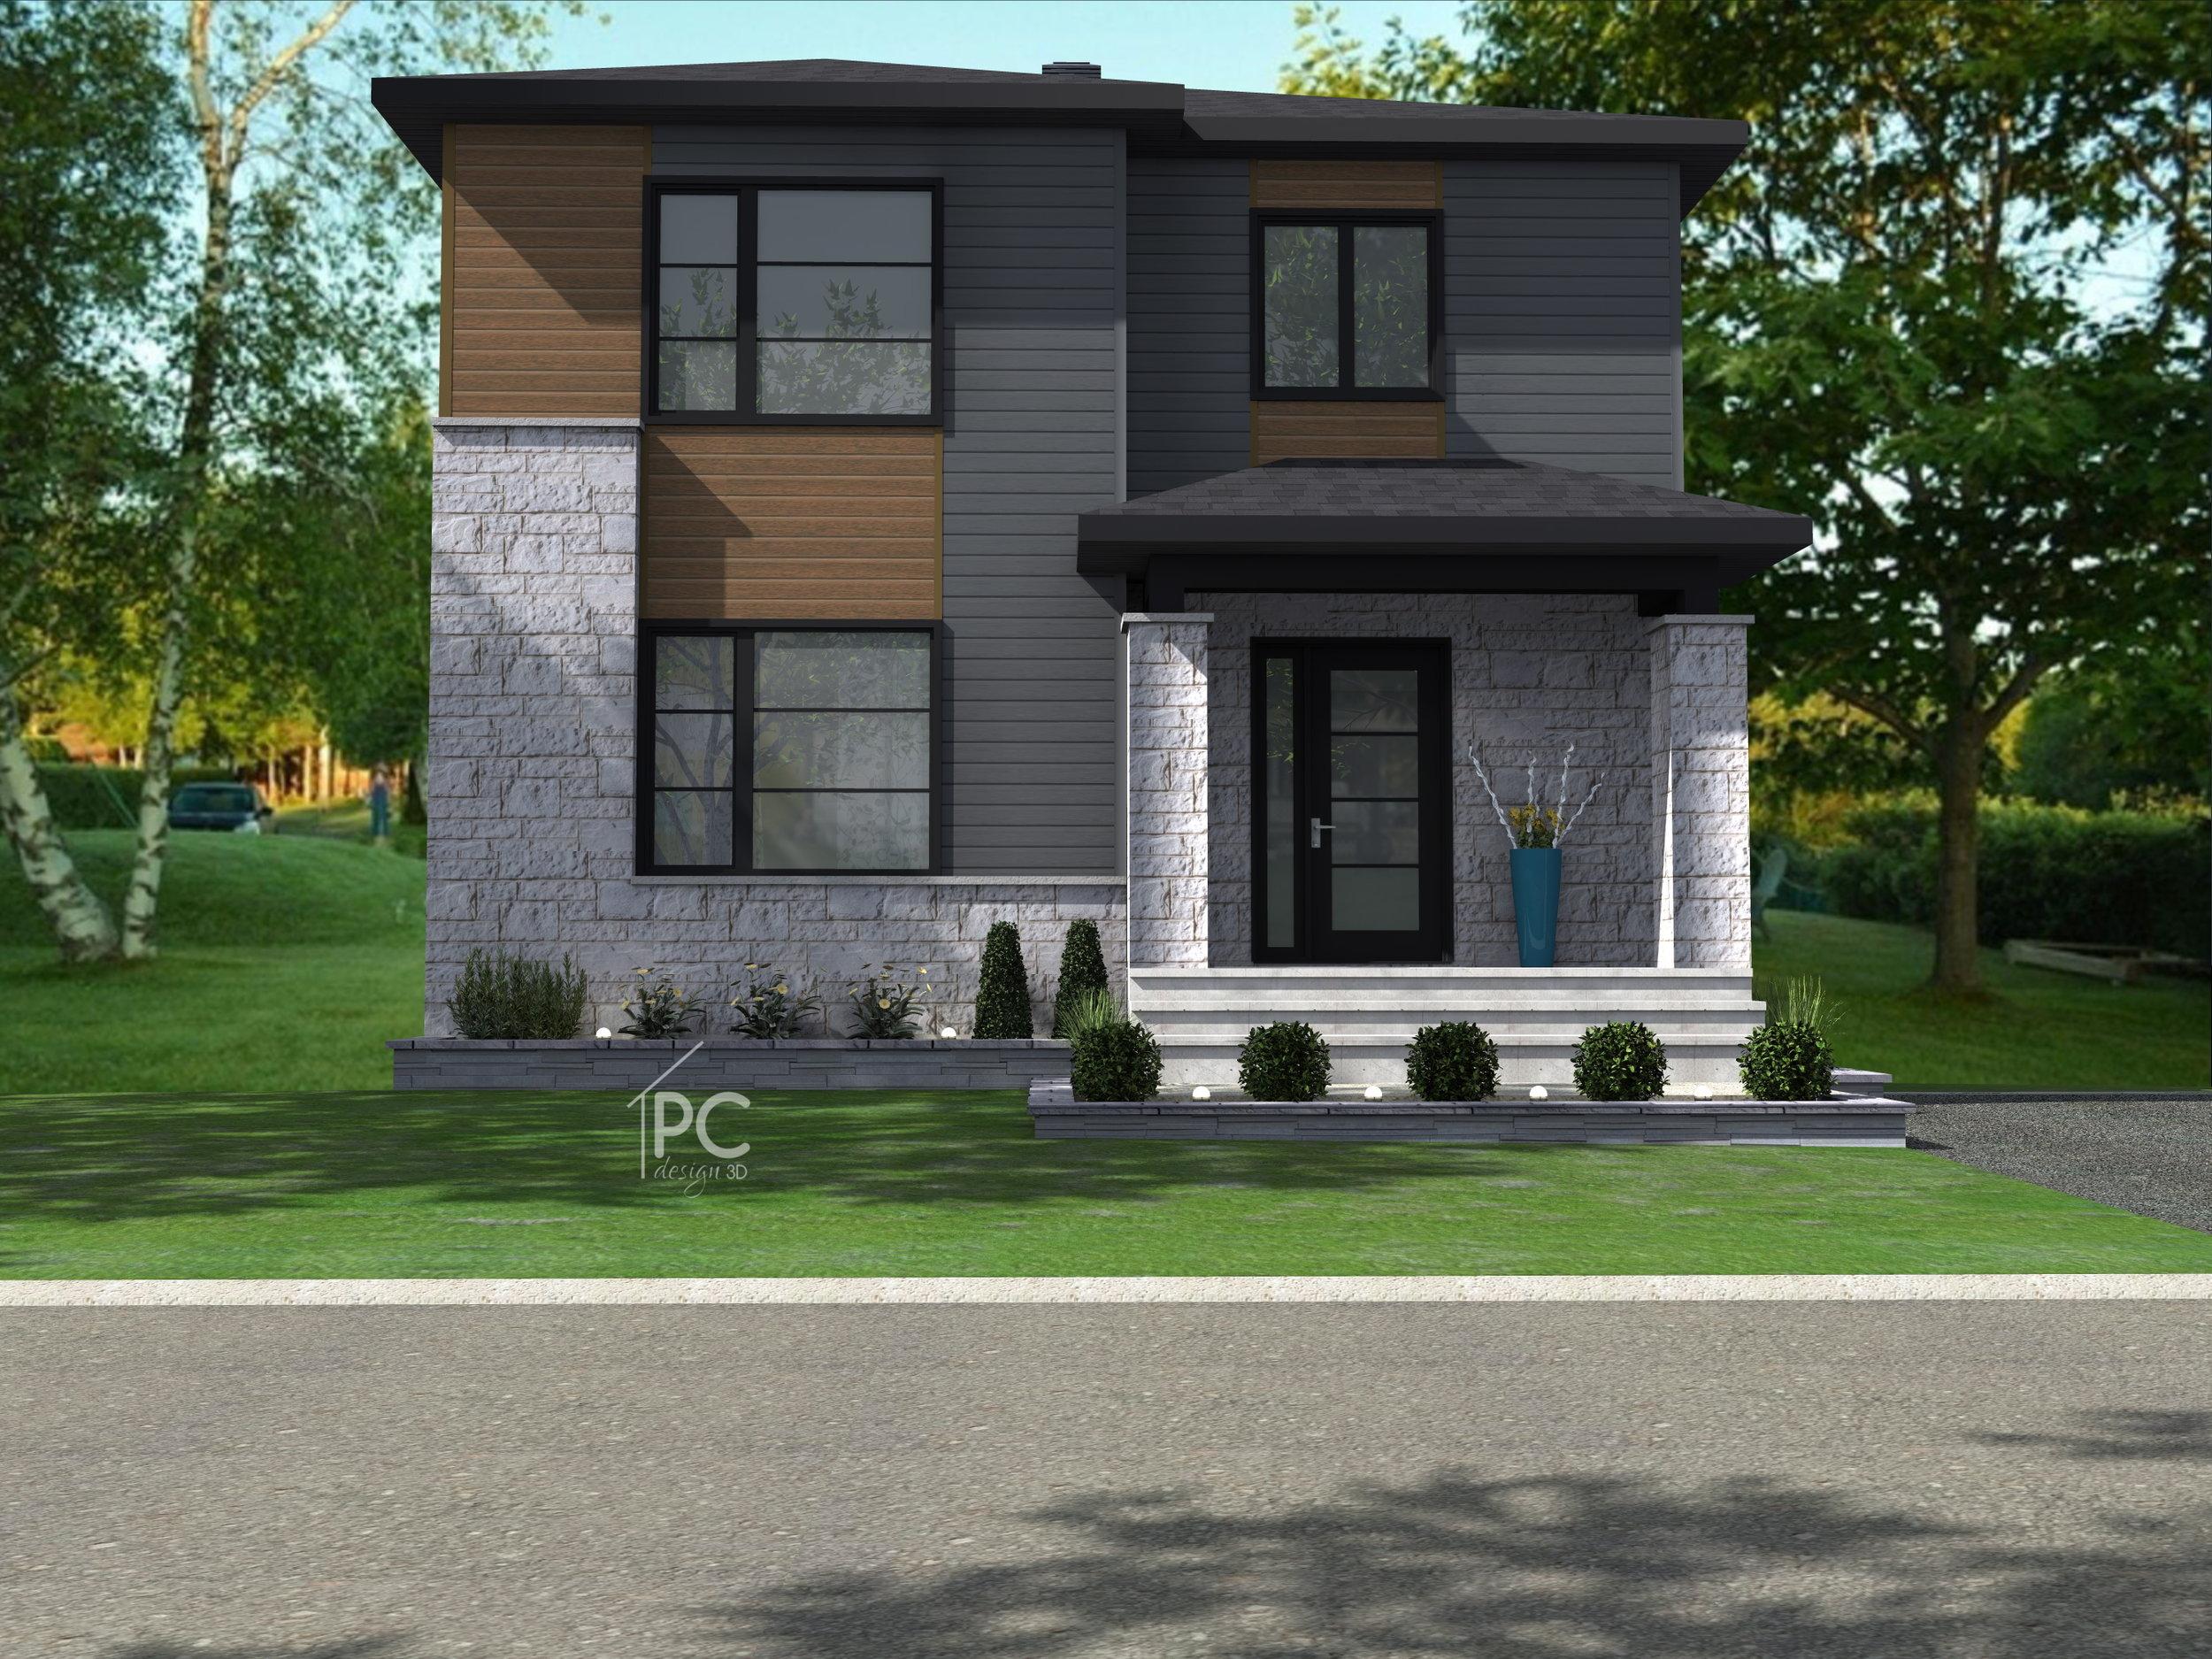 Maison de type cottage